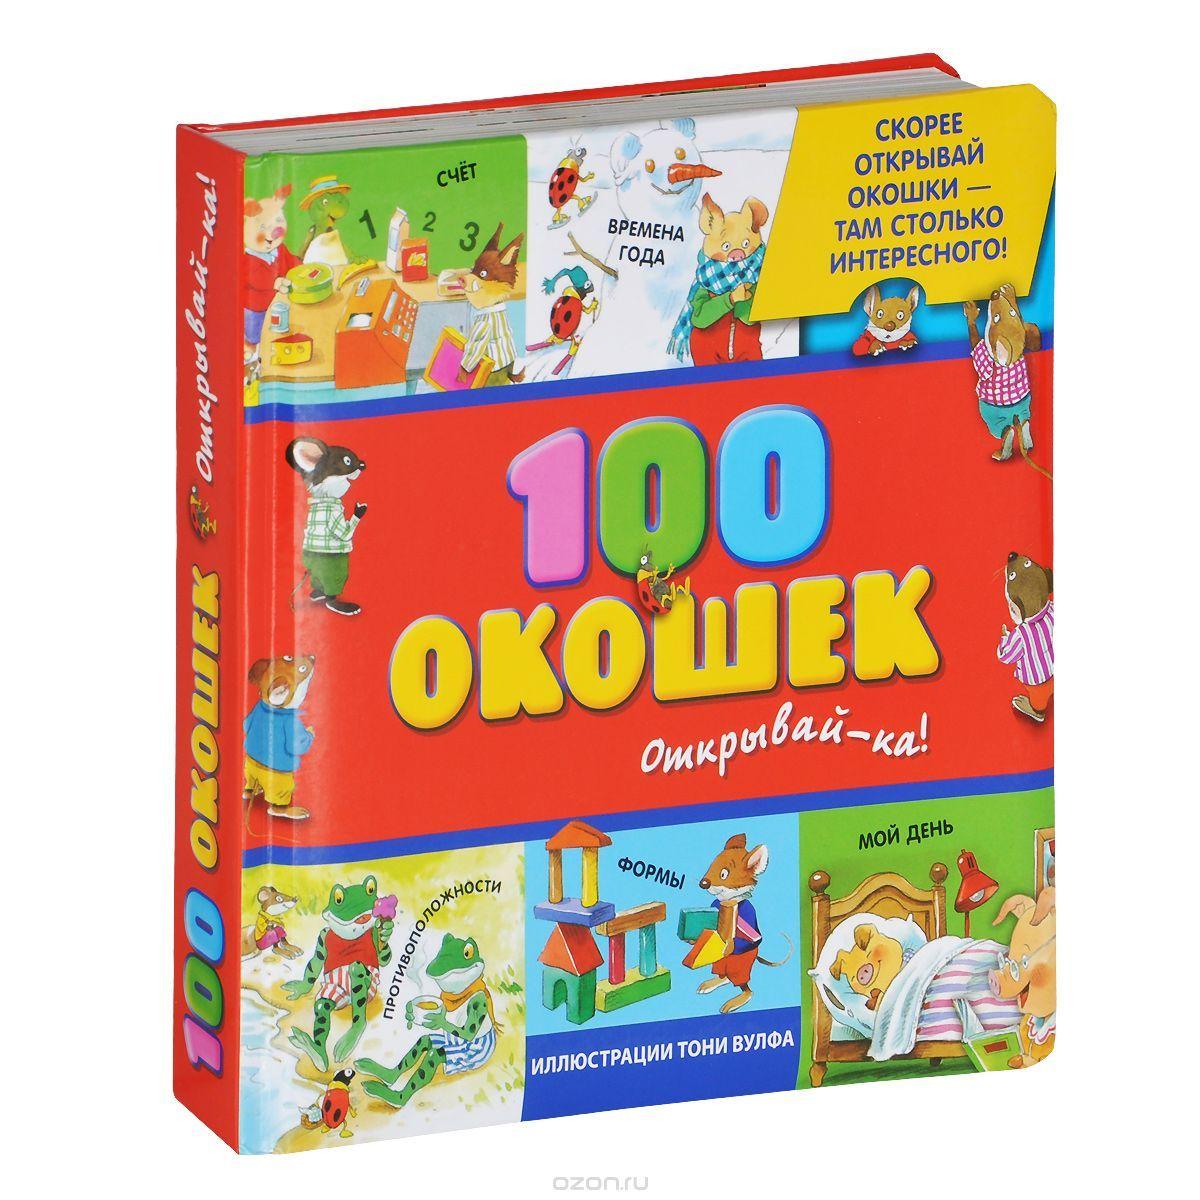 100 окошек - открывай-ка | Книги, Книги для детей, Для детей